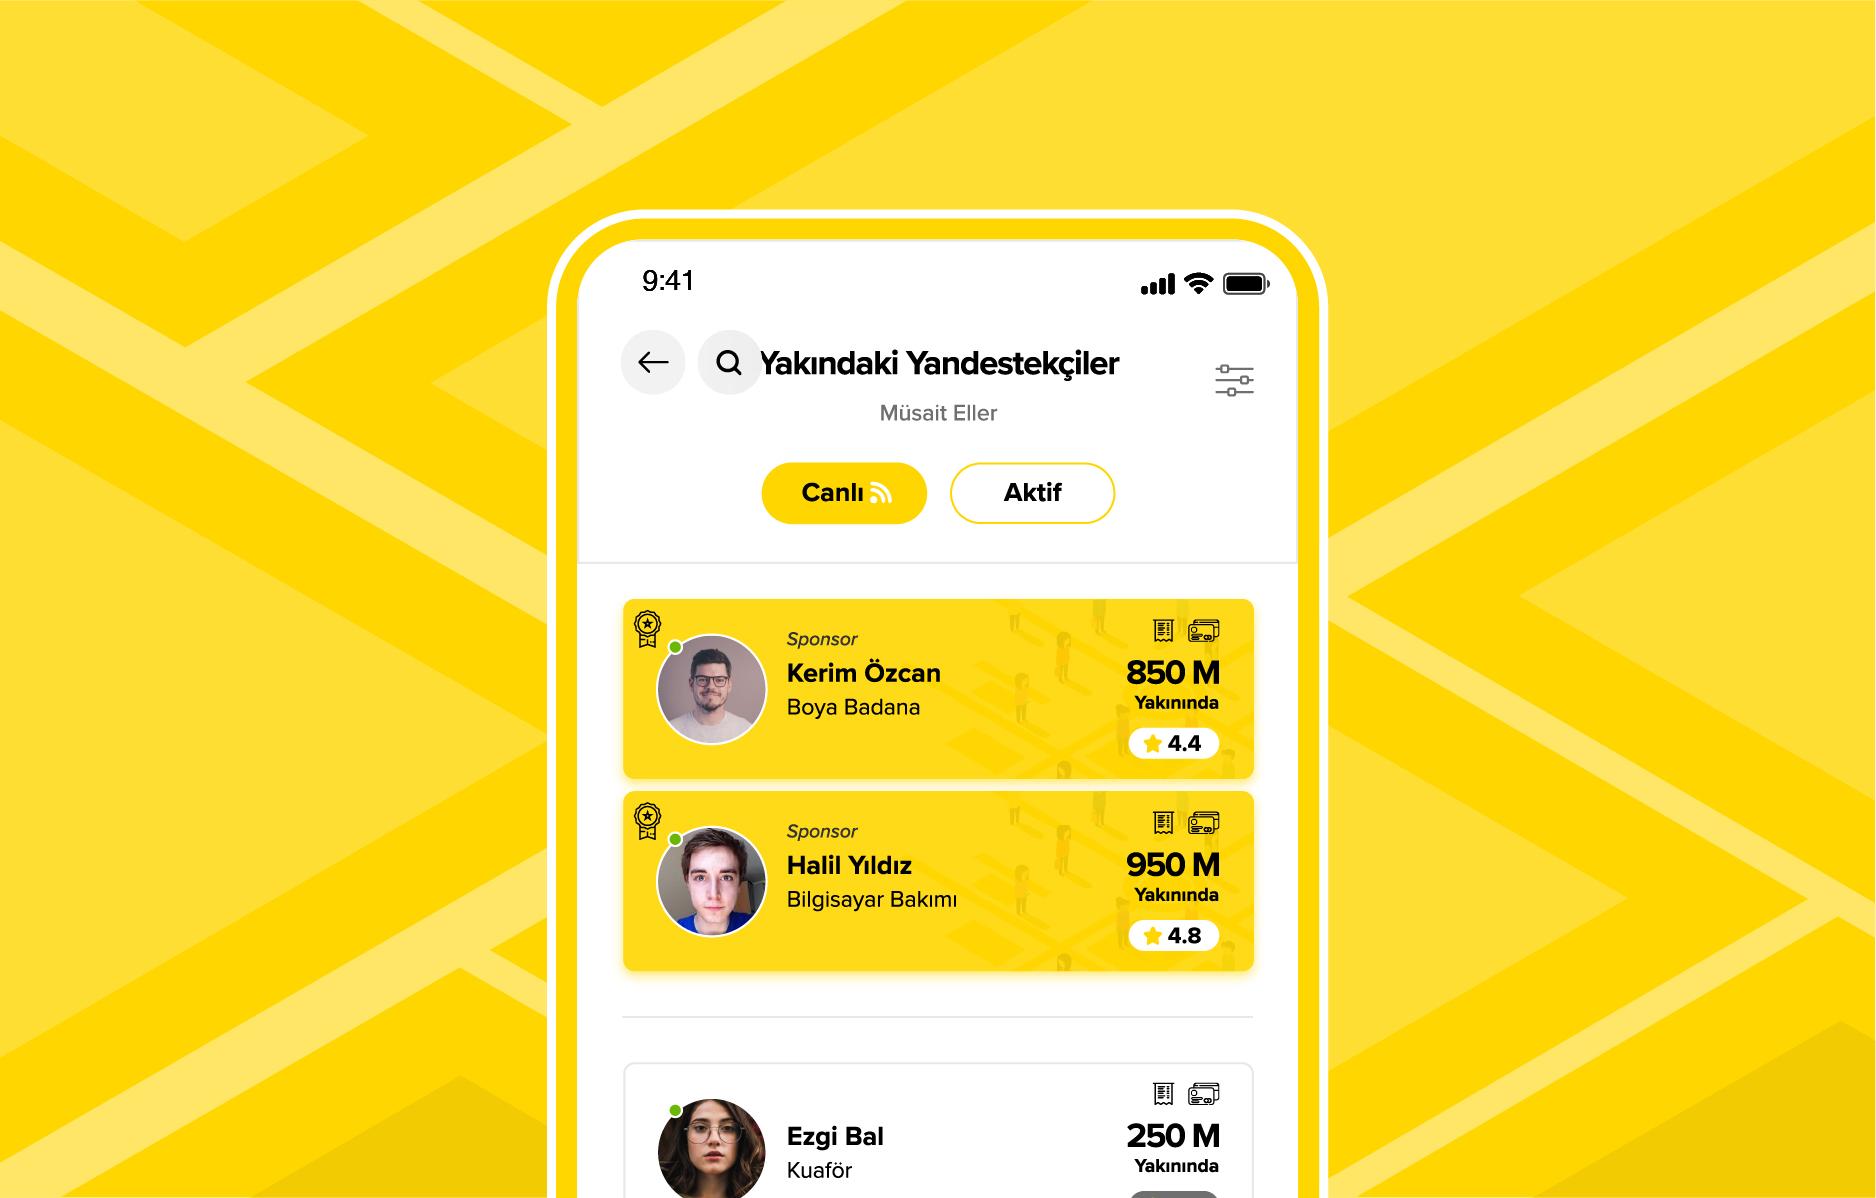 Yandestek App yakındaki yandestekçiler ekran görüntüsü